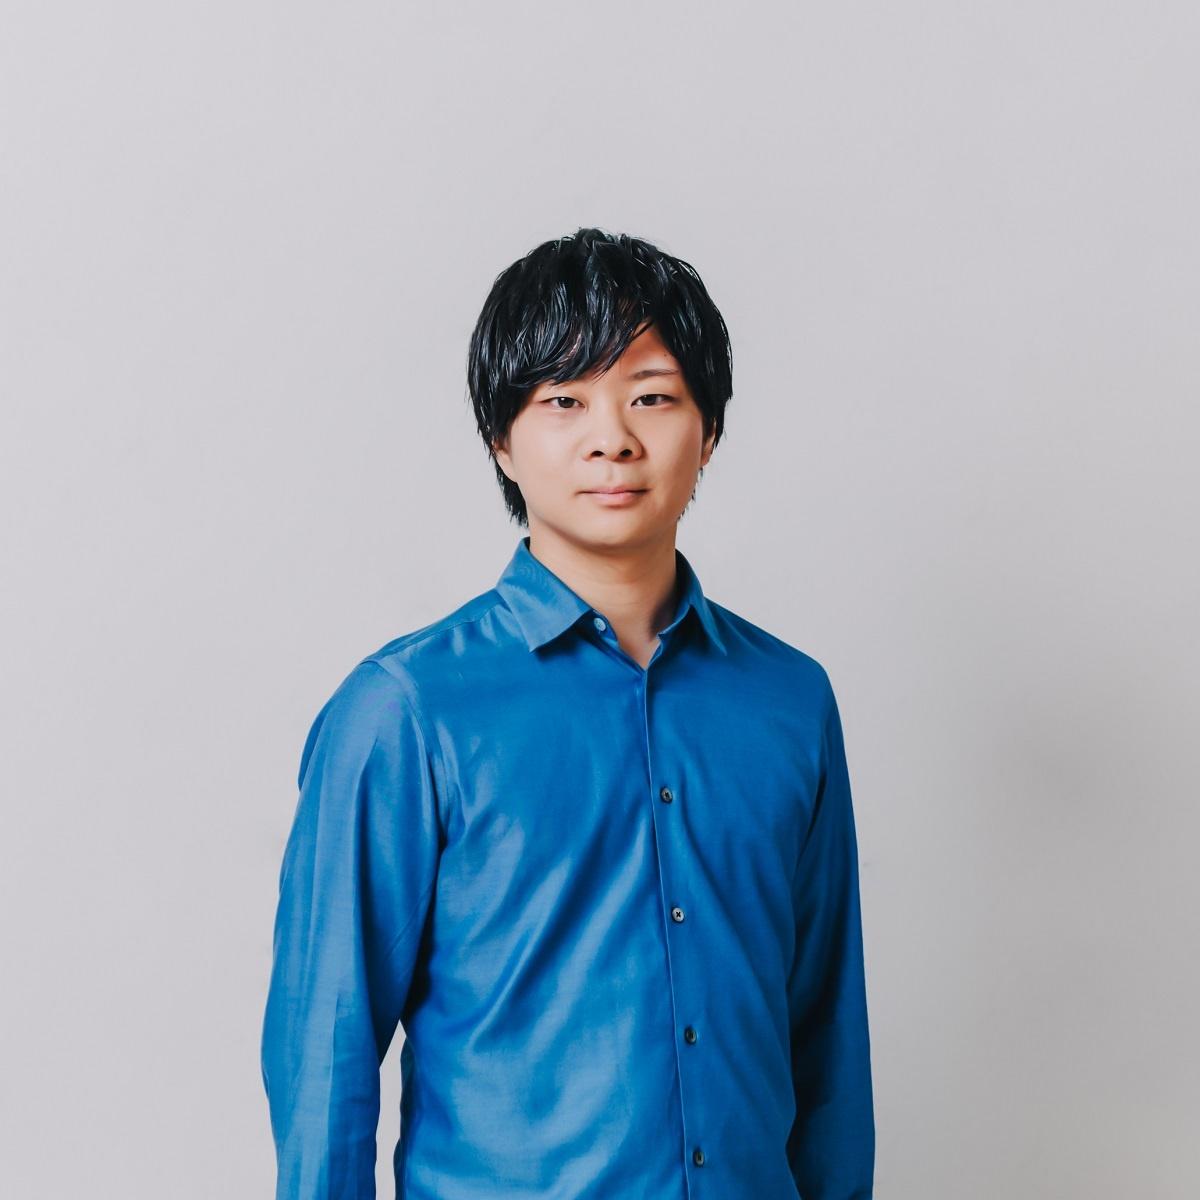 メドメイン代表取締役CEOの飯塚統氏(出所:メドメイン)